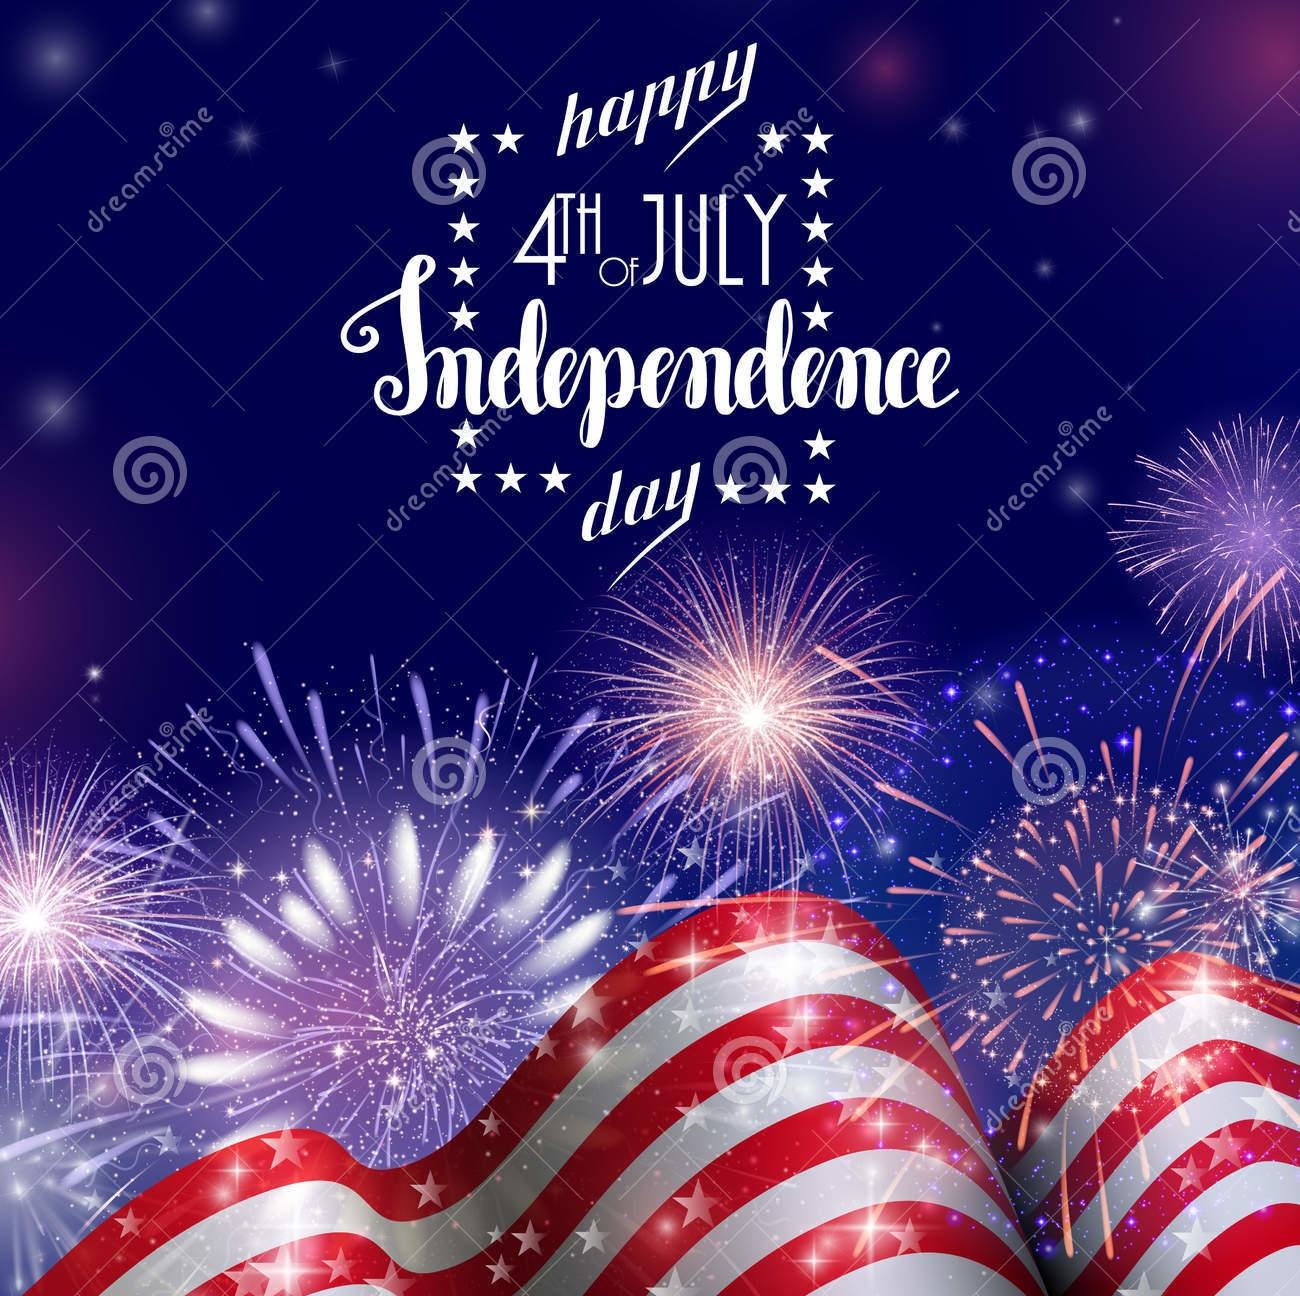 背景-月第-,美国人美国独立日与火烟花的庆祝-美国独立纪念日的祝-93851382_看图王.jpg